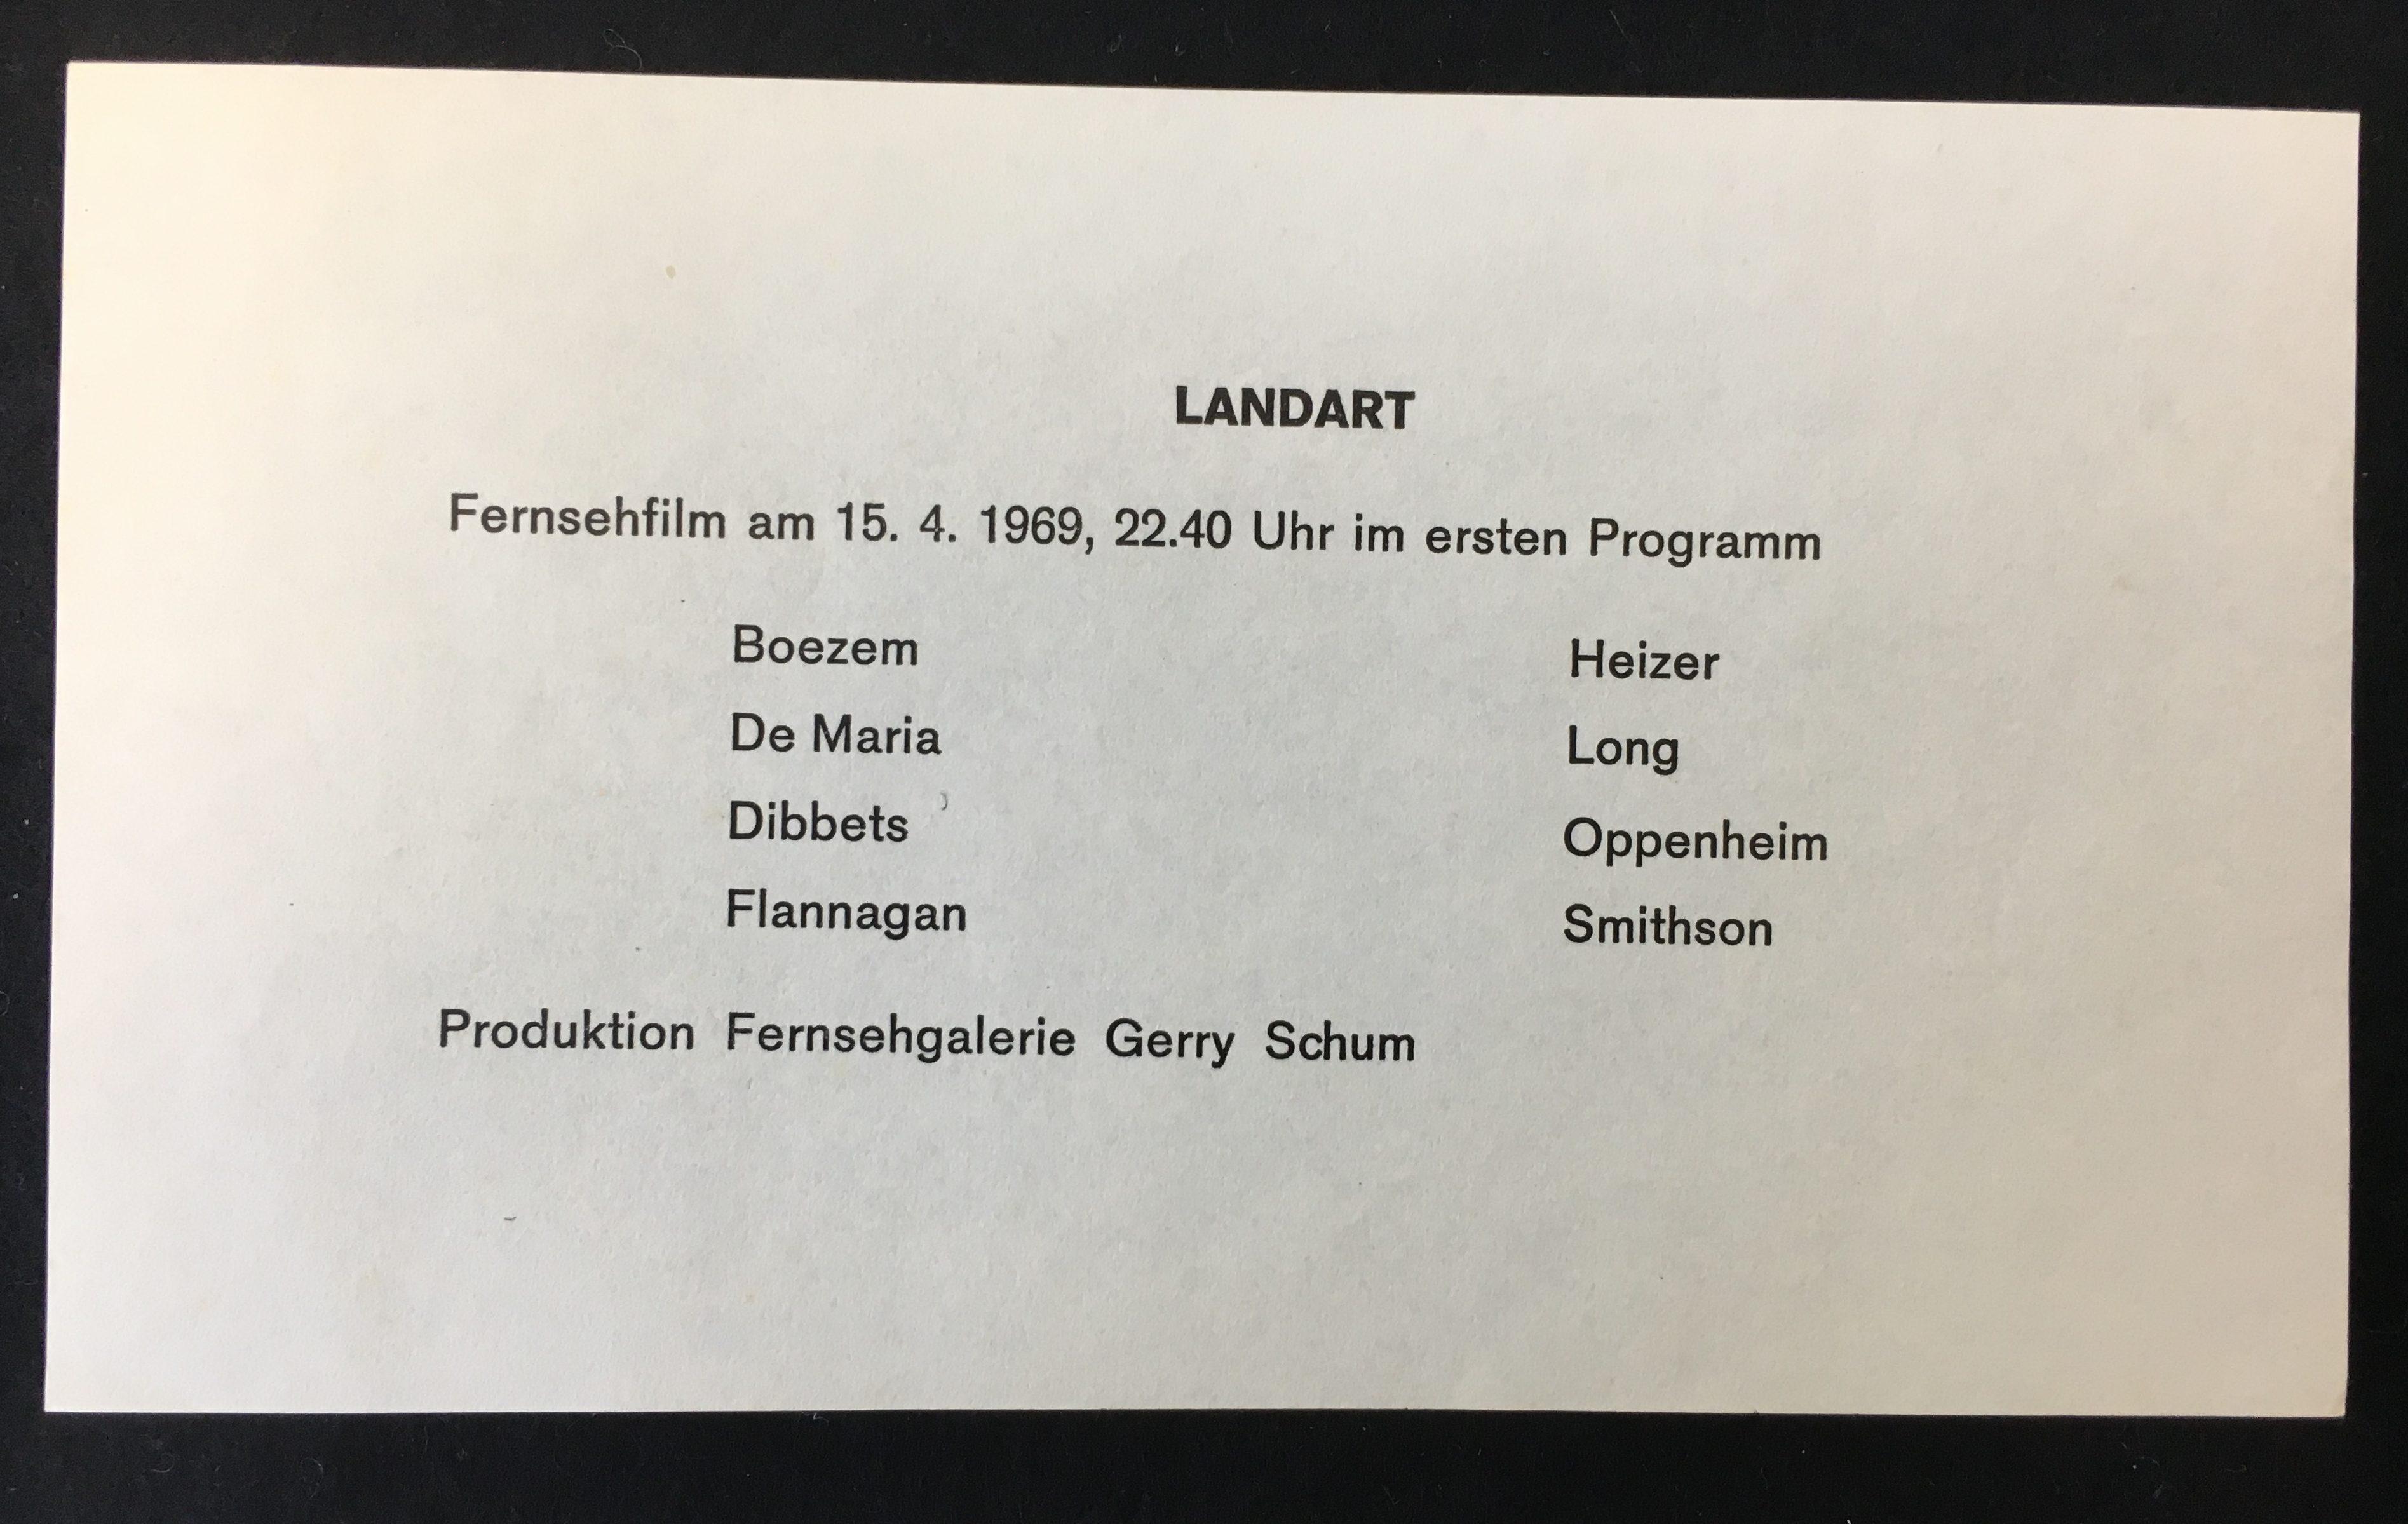 Gerry Schum, Fernsehgalerie Berlin, Land Art, Sender Freies Berlin, 1969 (invitation); Sammlung Marzona, Kunstbibliothek – Staatliche Museen zu Berlin